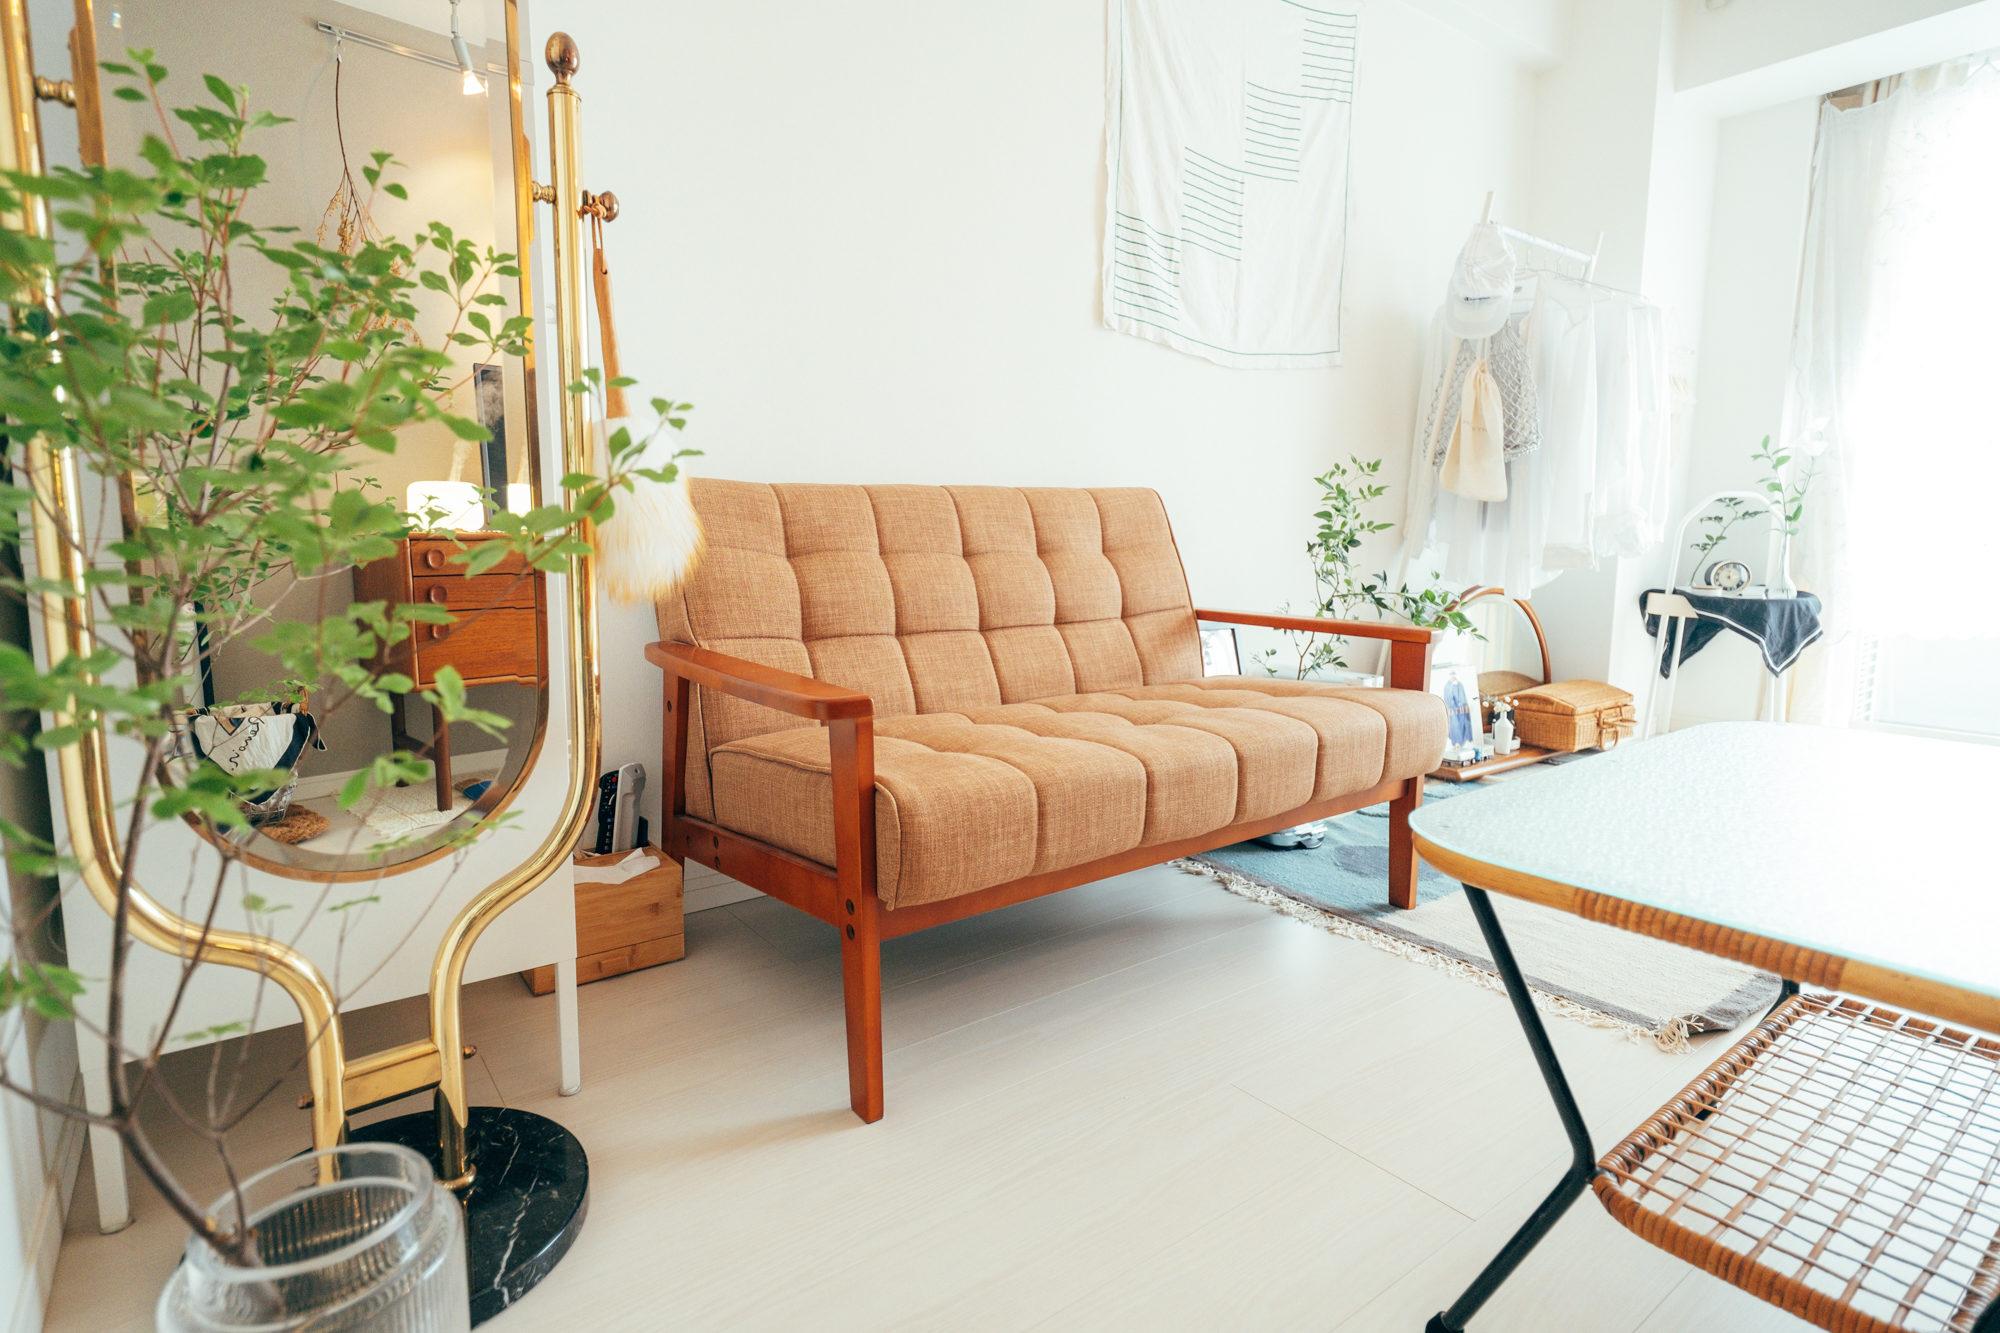 お部屋の入り口で合わせて目立つのがソファ。家での時間のほとんどはソファ上で過ごすことが多いそう。 「テレビ台の色合いとズラしたくなくて、ソファもRe:CENOで赤っぽい茶色を選びました。」